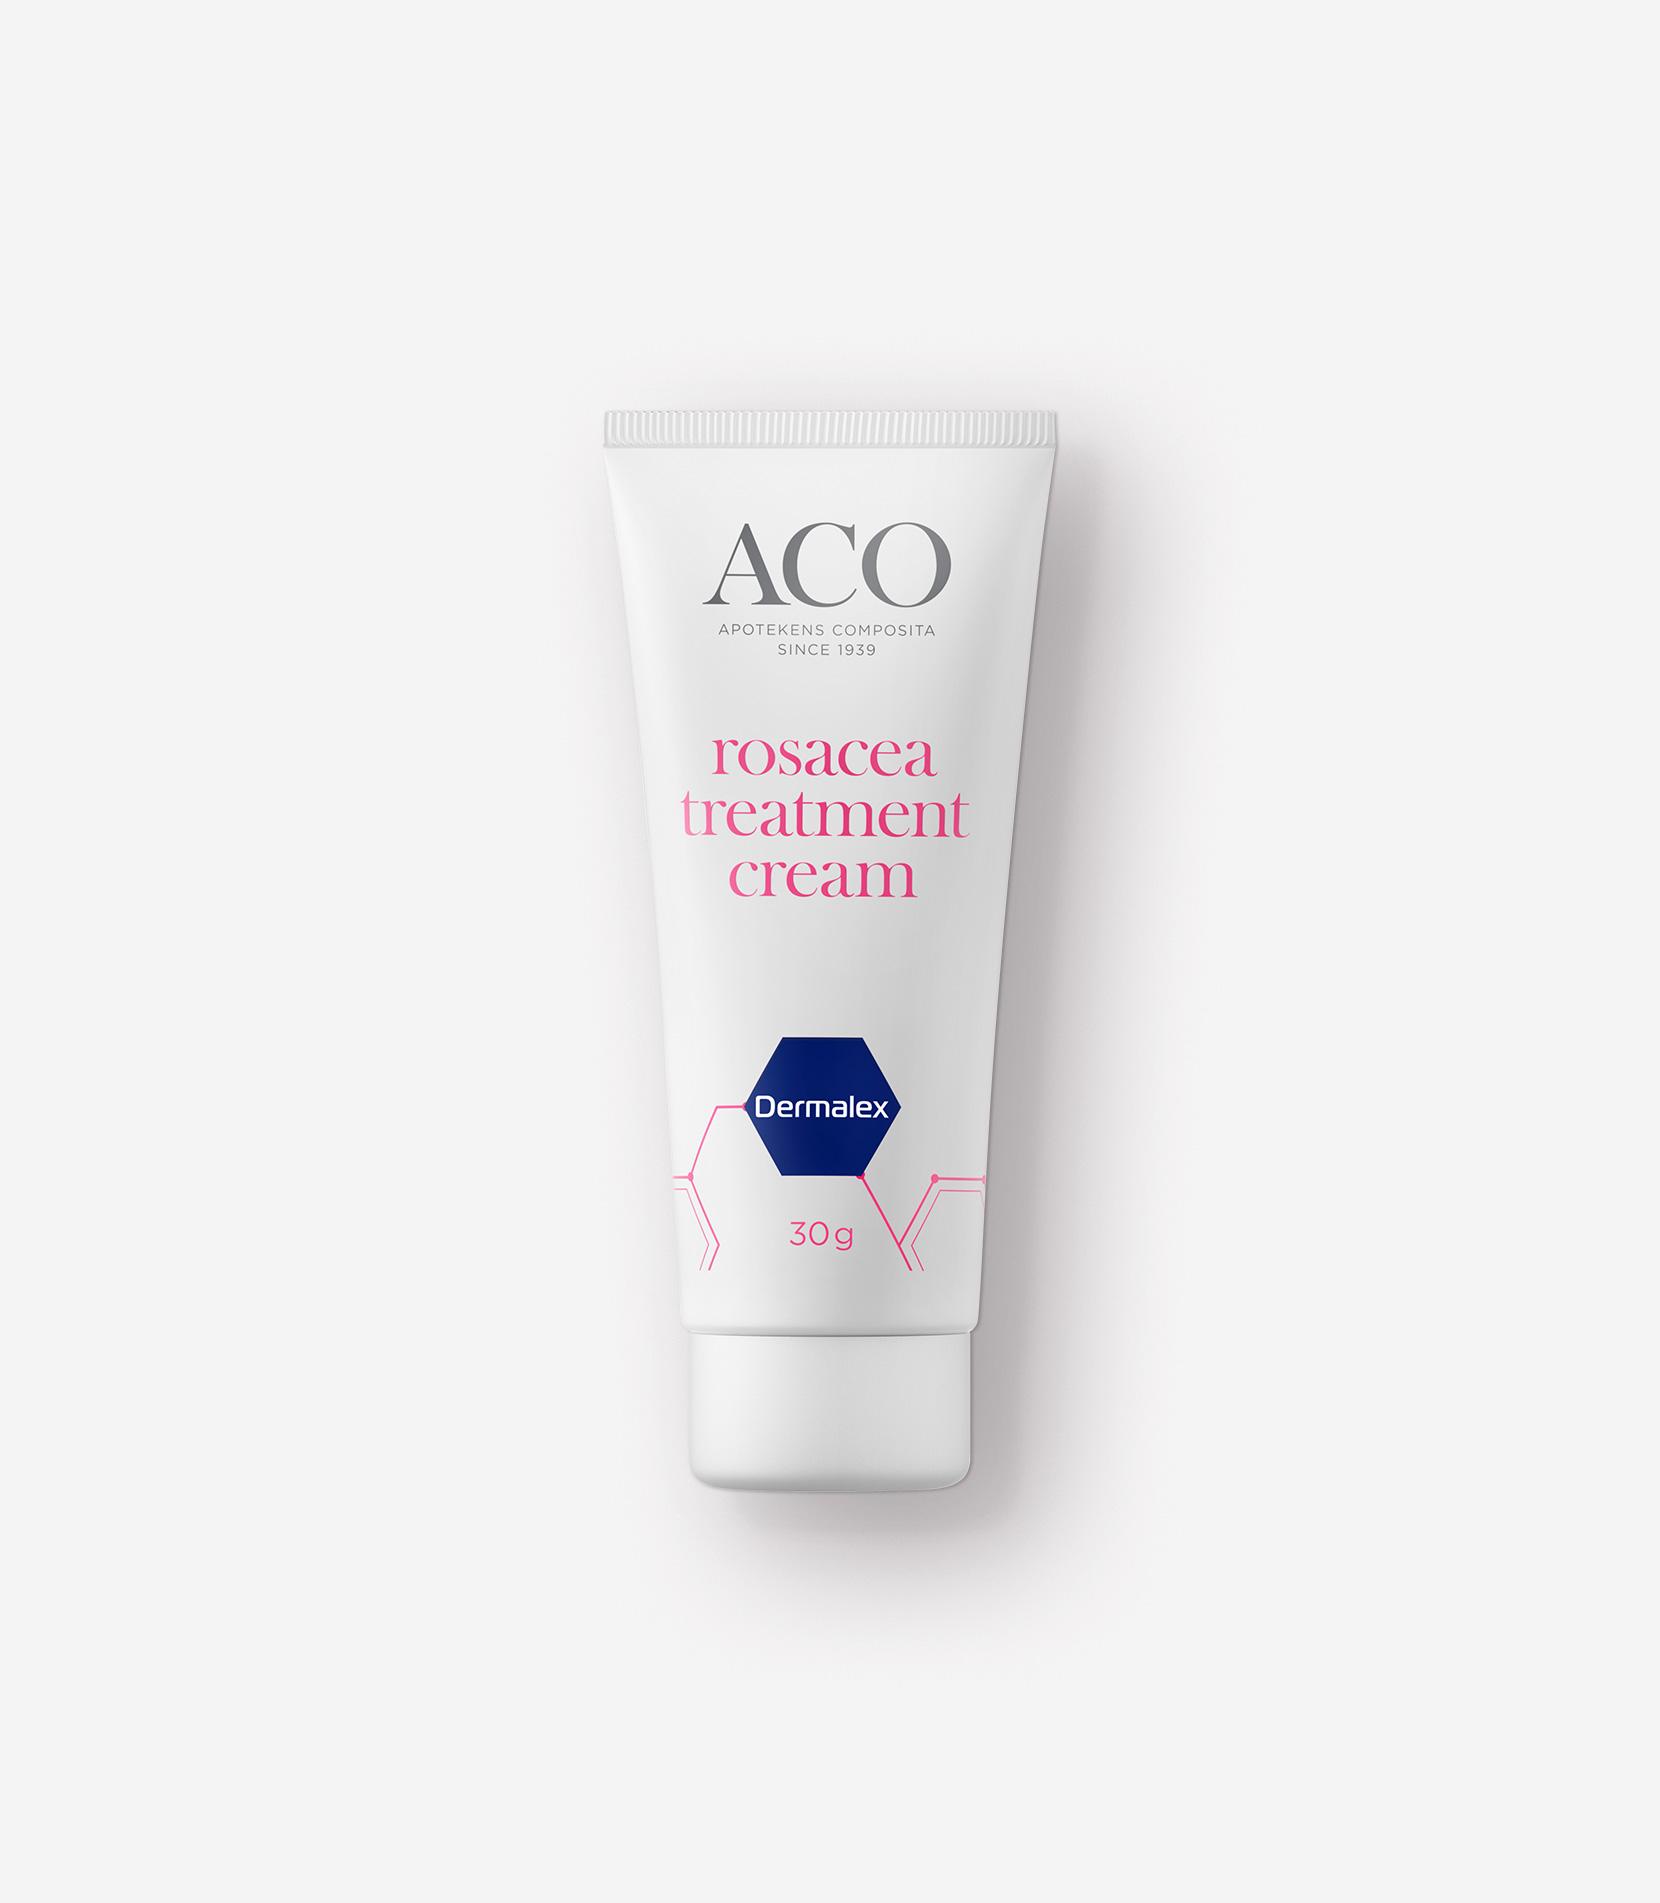 Rosacea Treatment Cream Aco